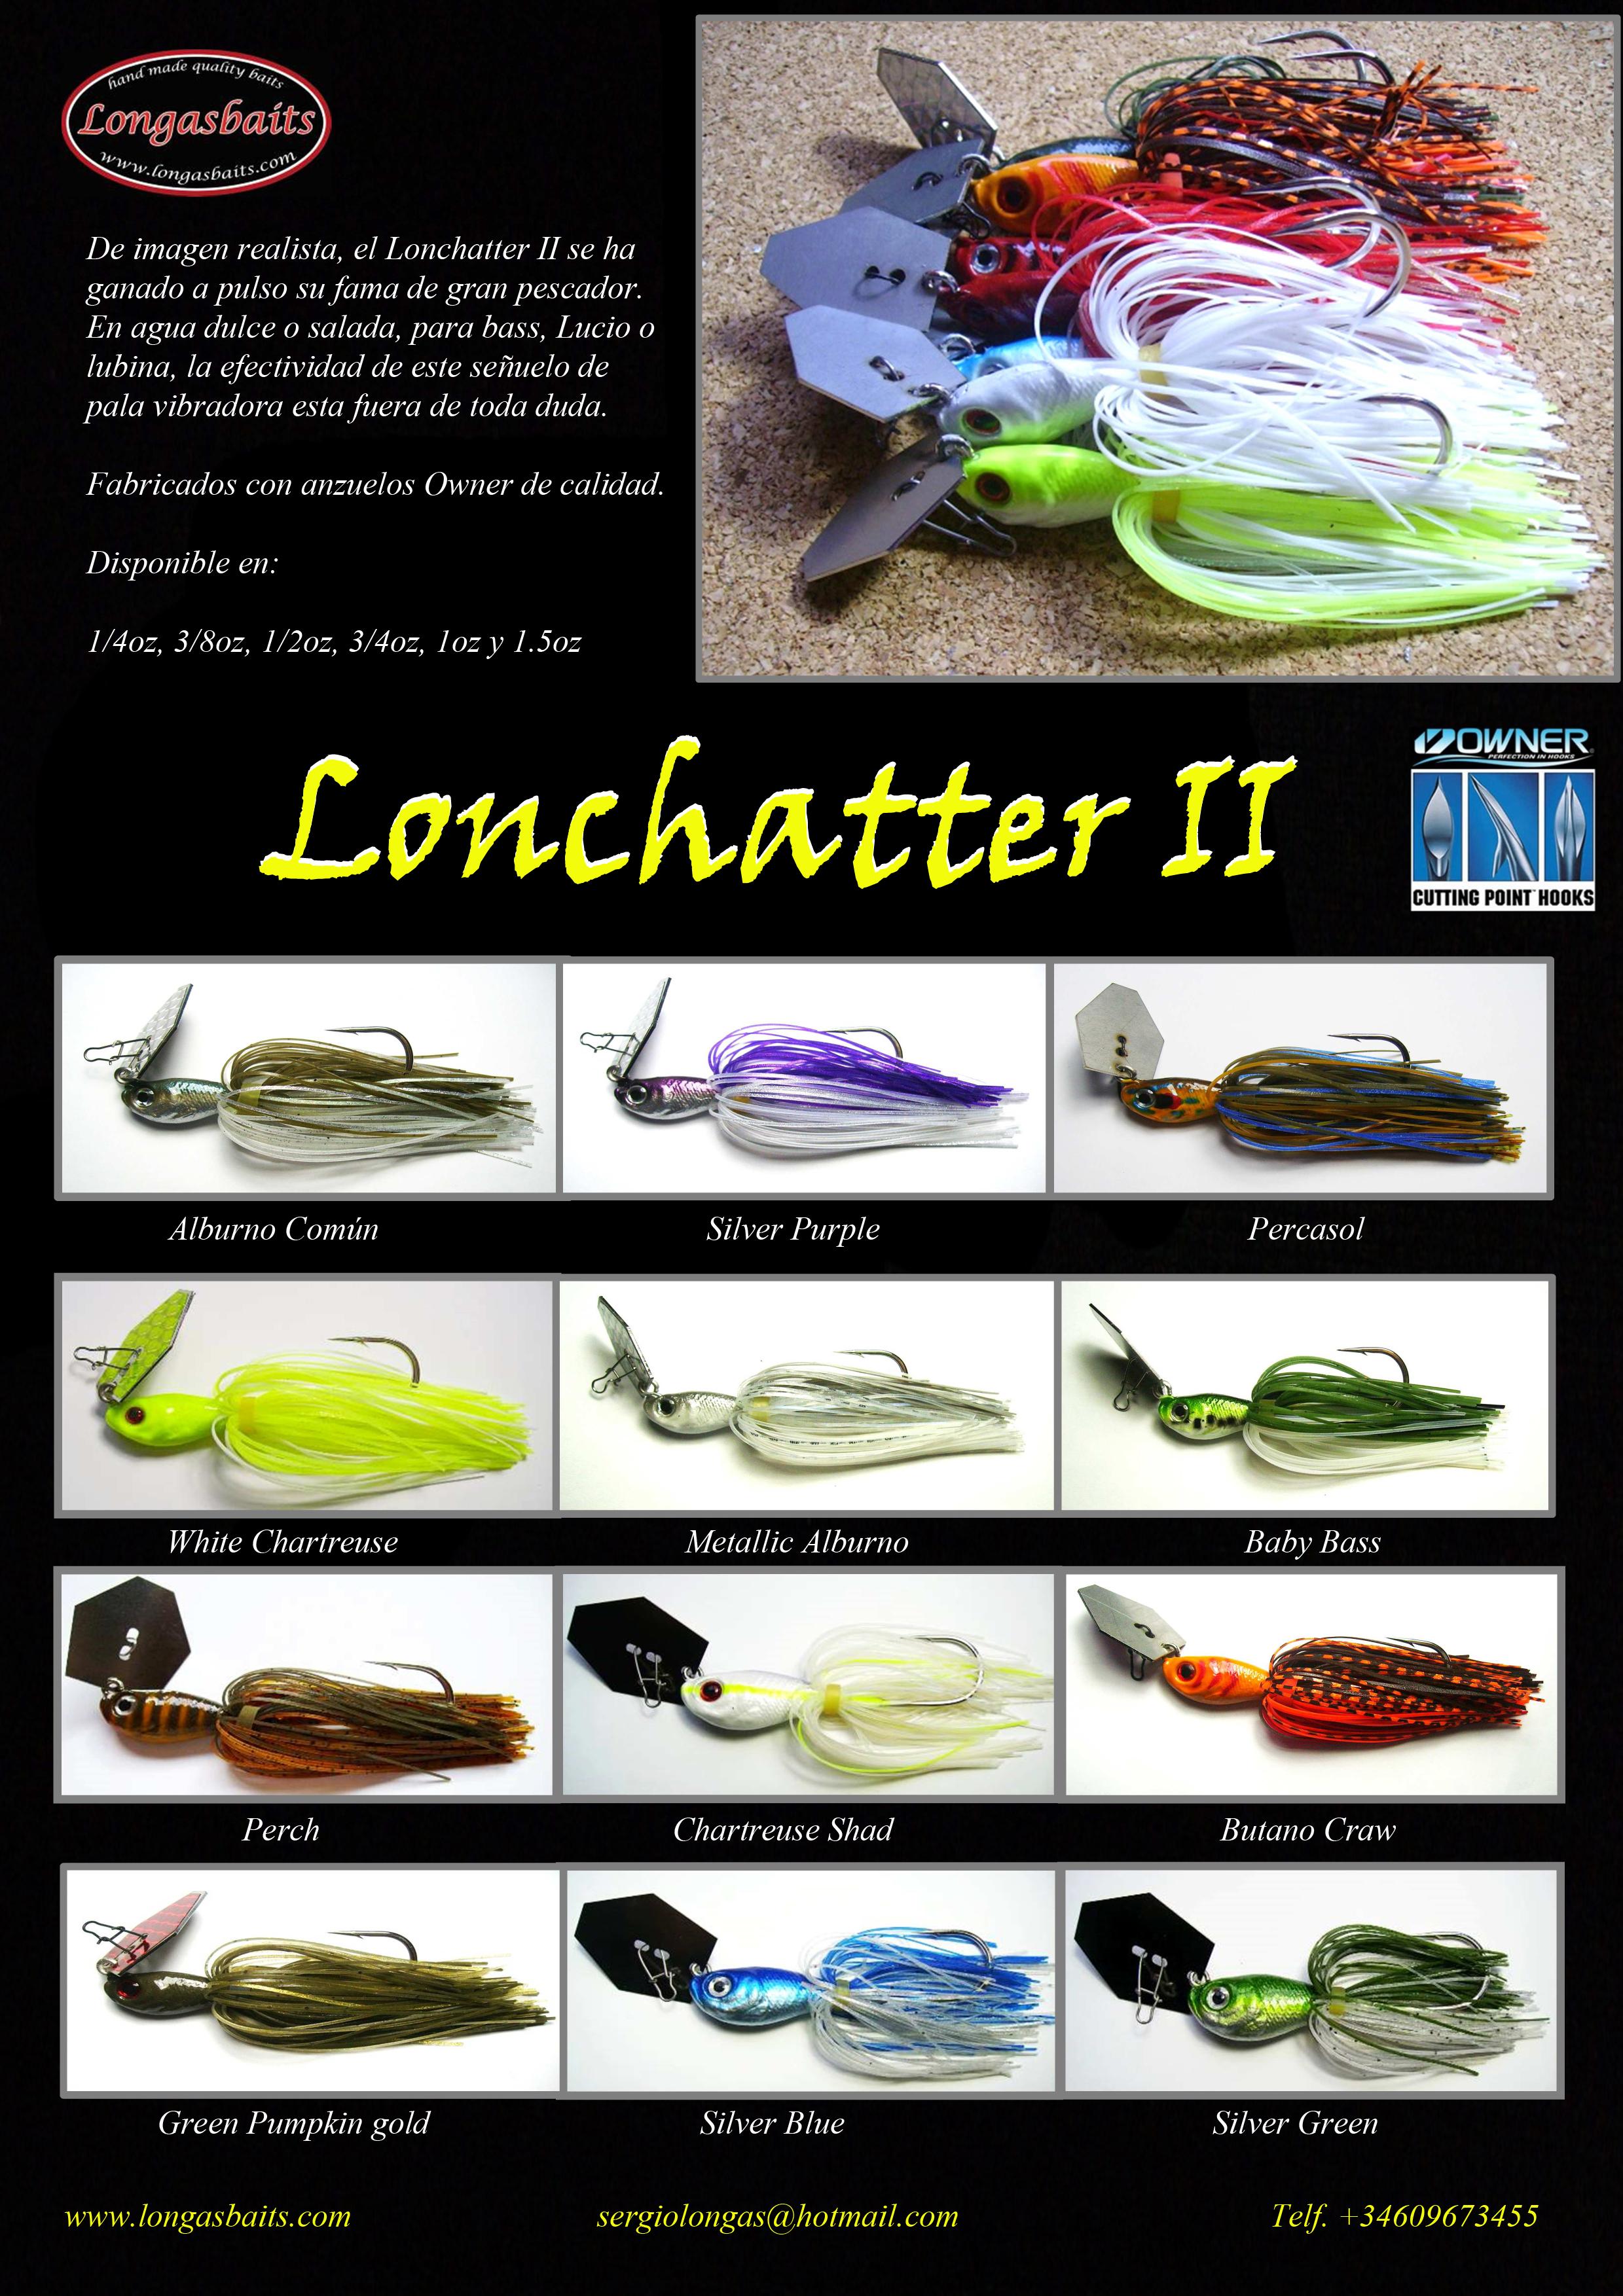 lonchatter II